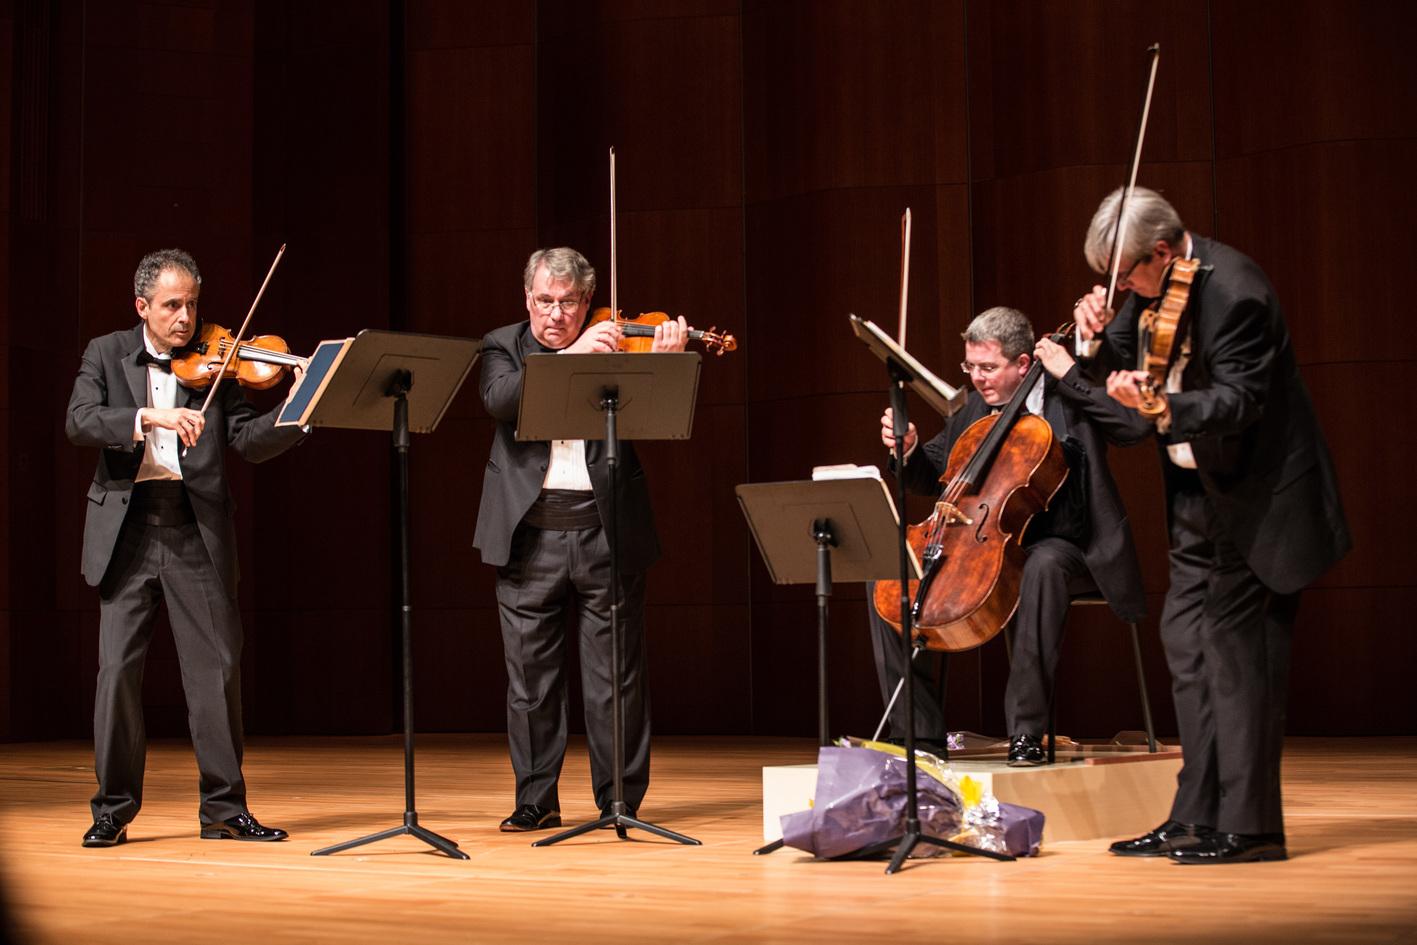 Emerson String Quartet at HKU - Cultural Management Office